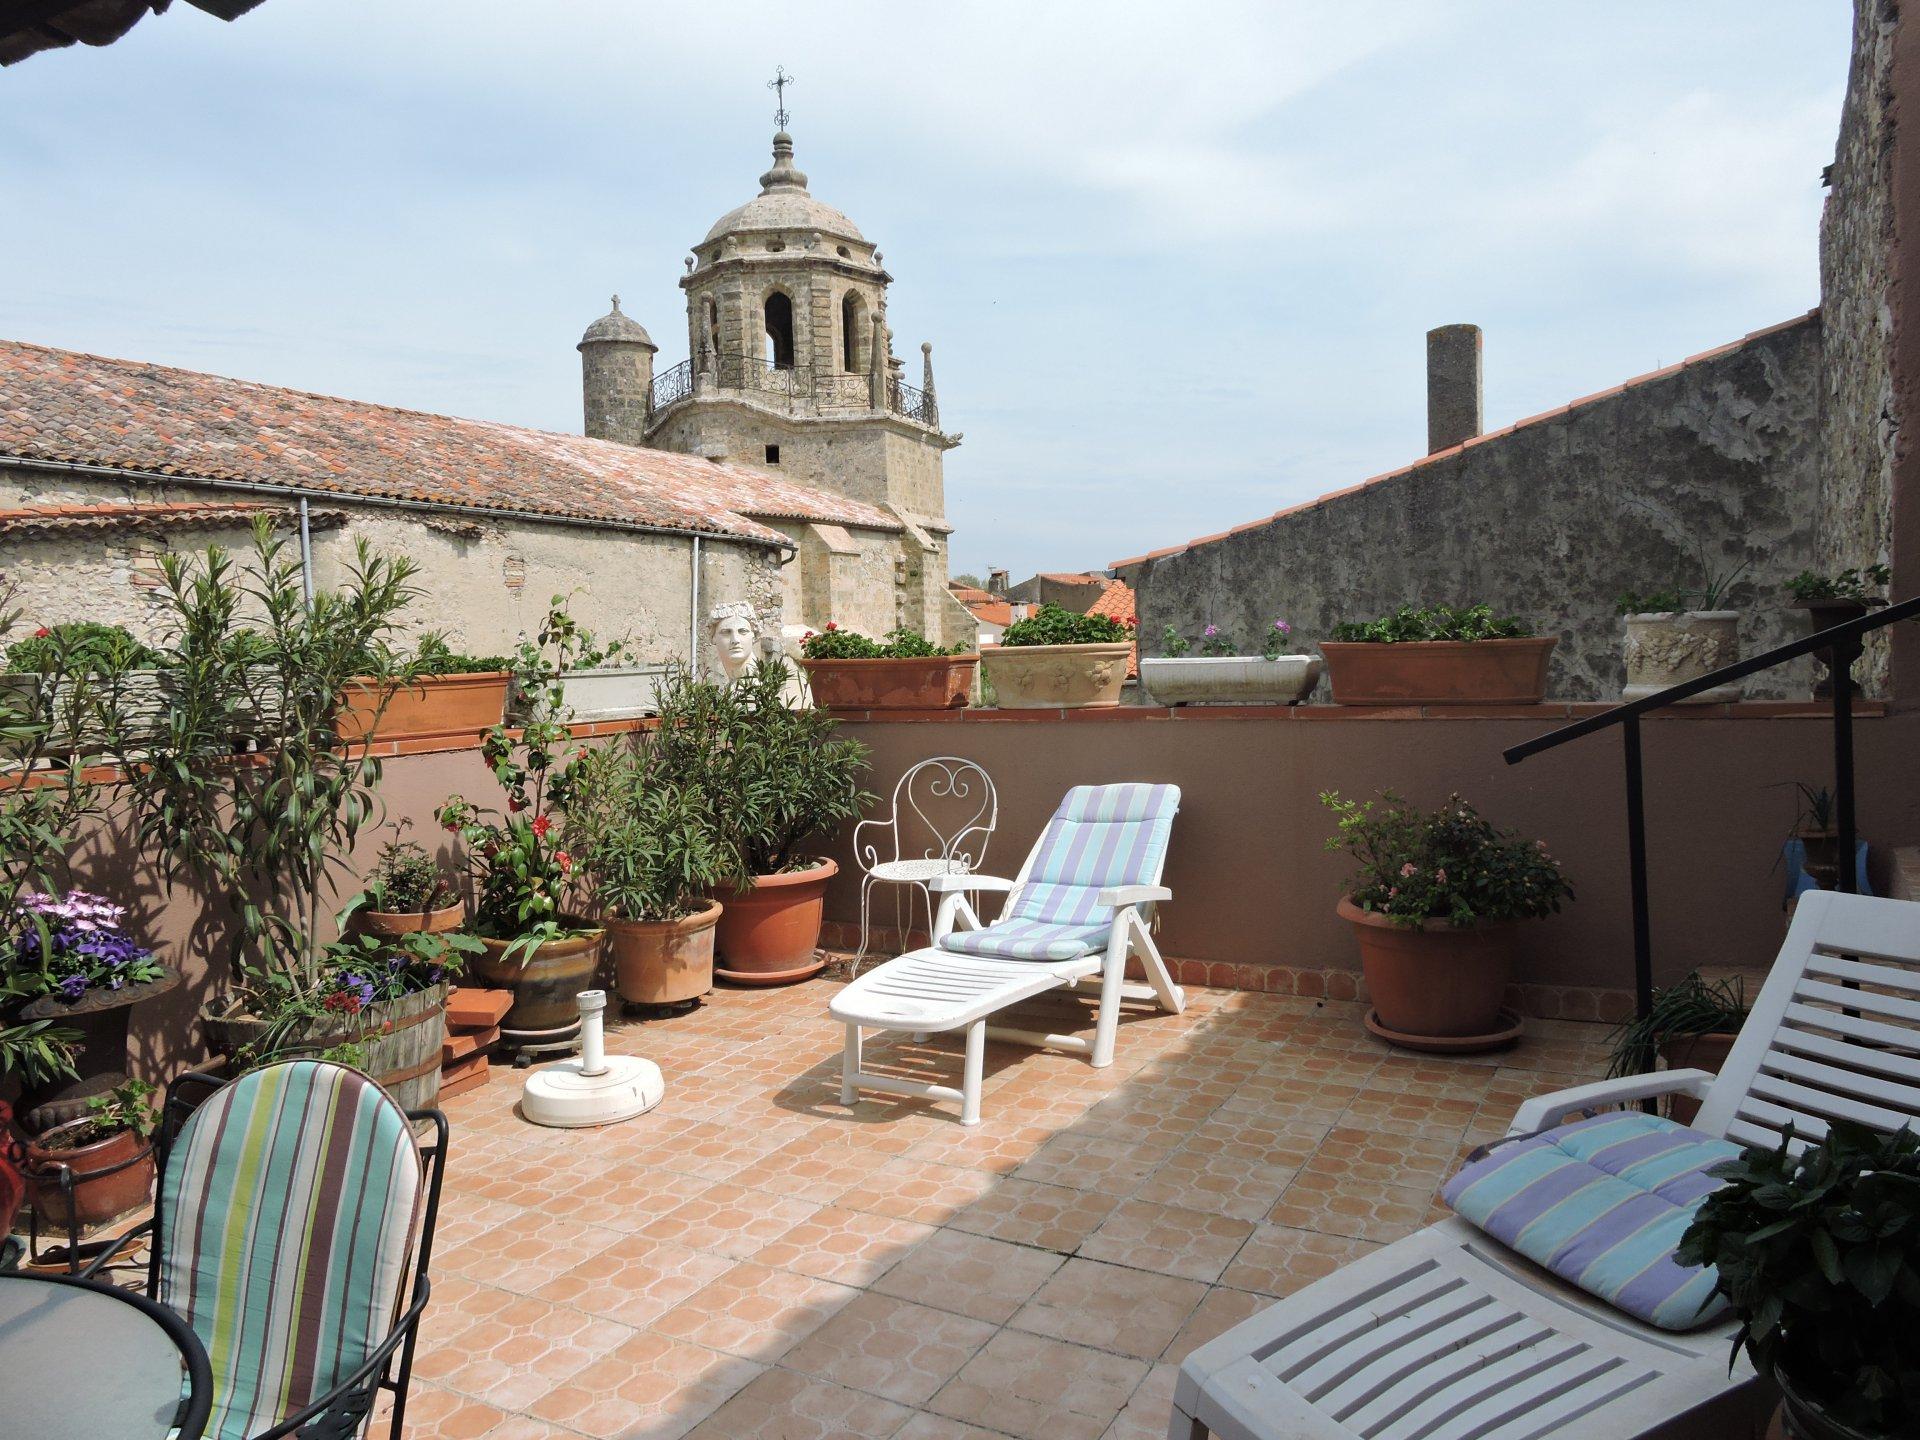 St Paul de Fenouillet 20 mm de Perpignan Maison avec cachet et charme